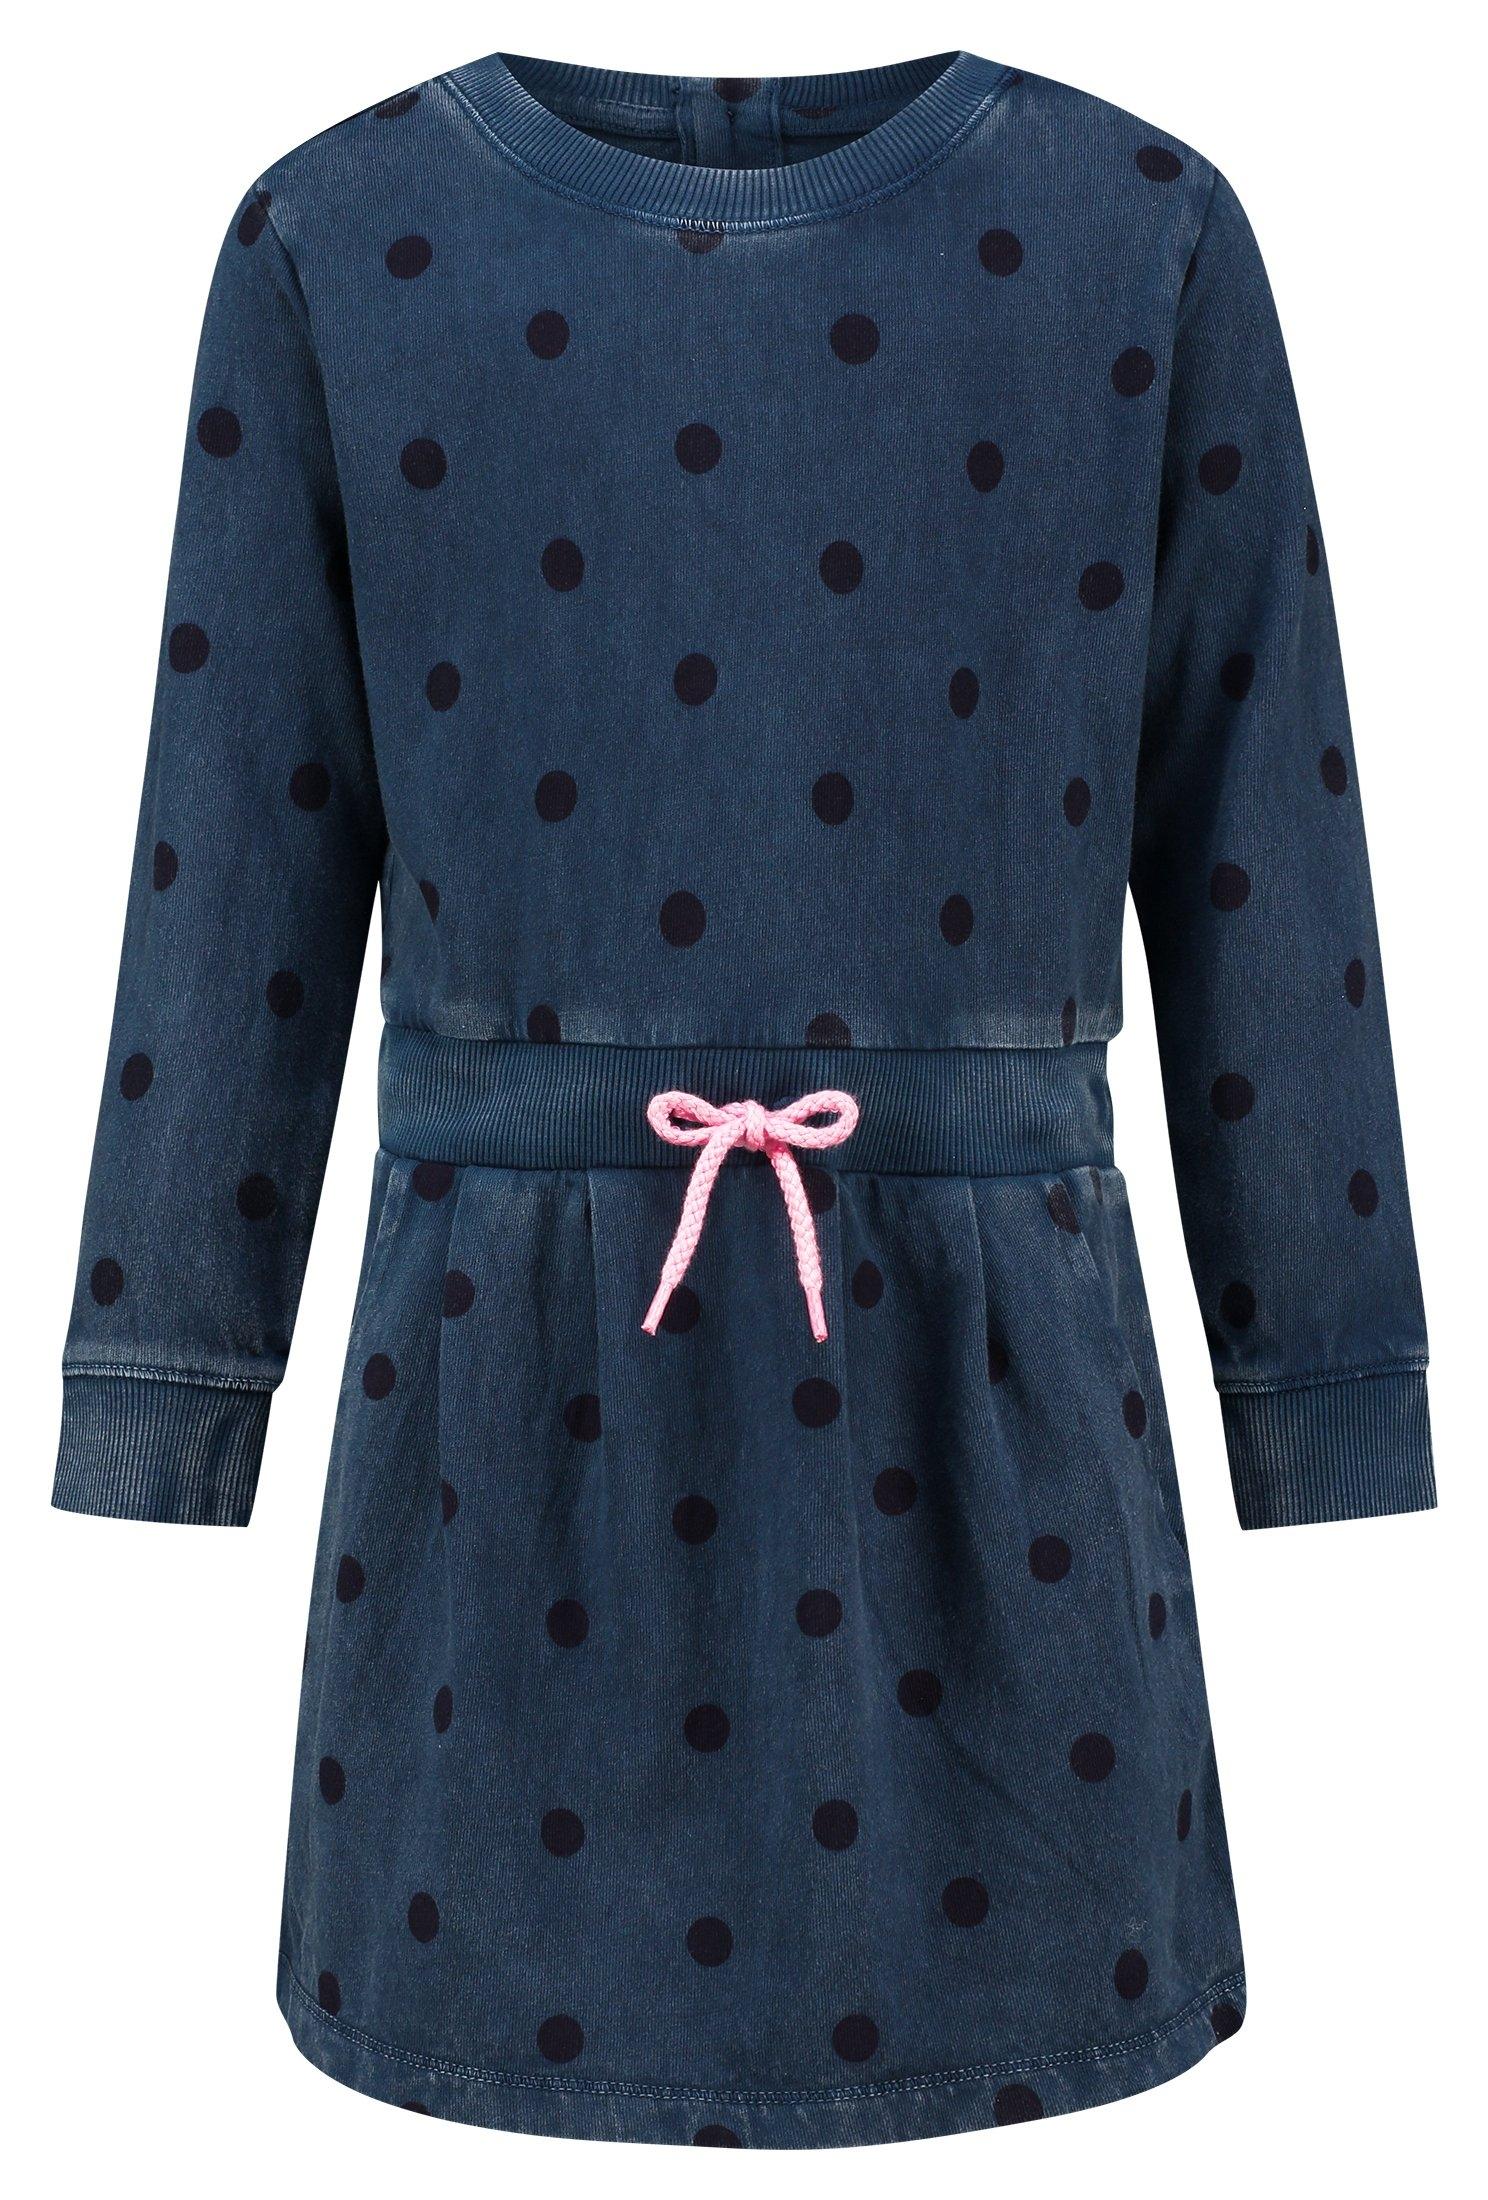 Noppies jurk »Cochituate« - verschillende betaalmethodes